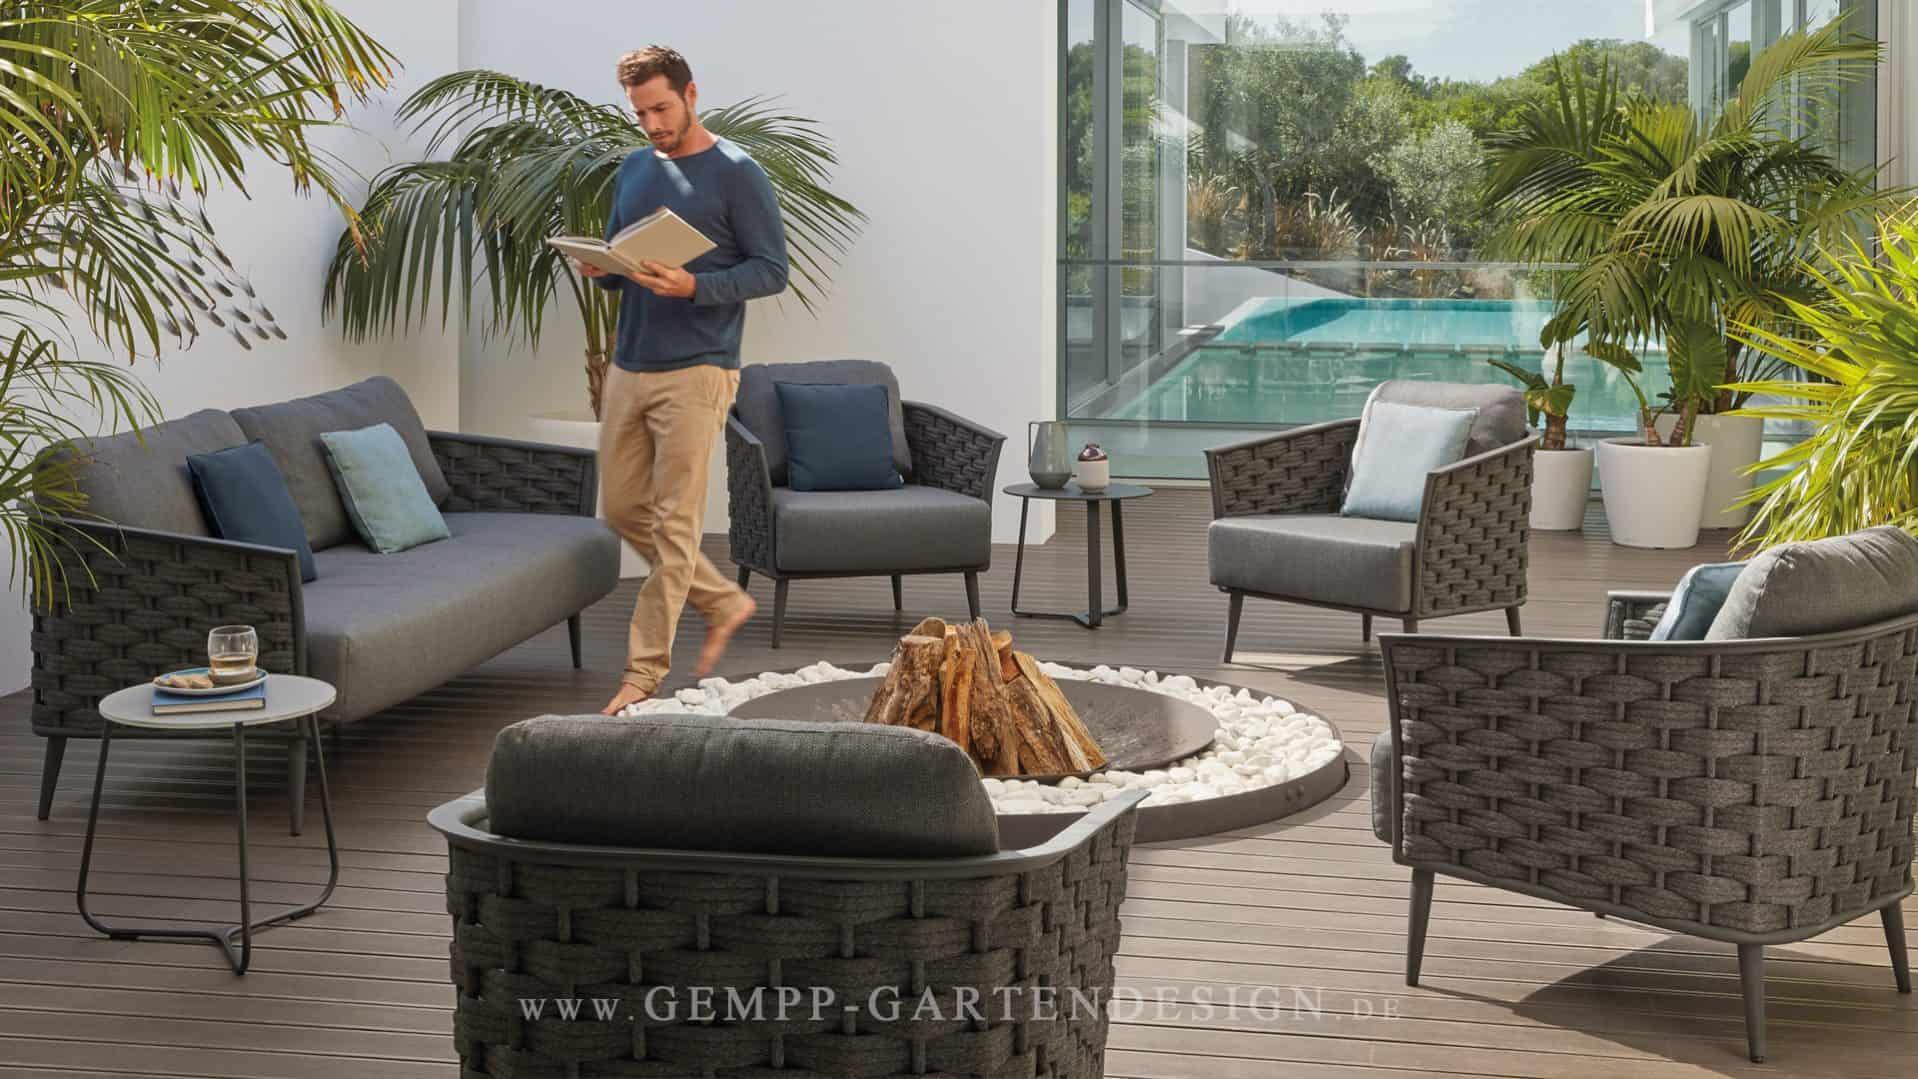 Full Size of Terrassen Lounge Gartenmbel Gempp Gartendesign Designmbel Sessel Garten Loungemöbel Günstig Holz Set Sofa Möbel Wohnzimmer Terrassen Lounge